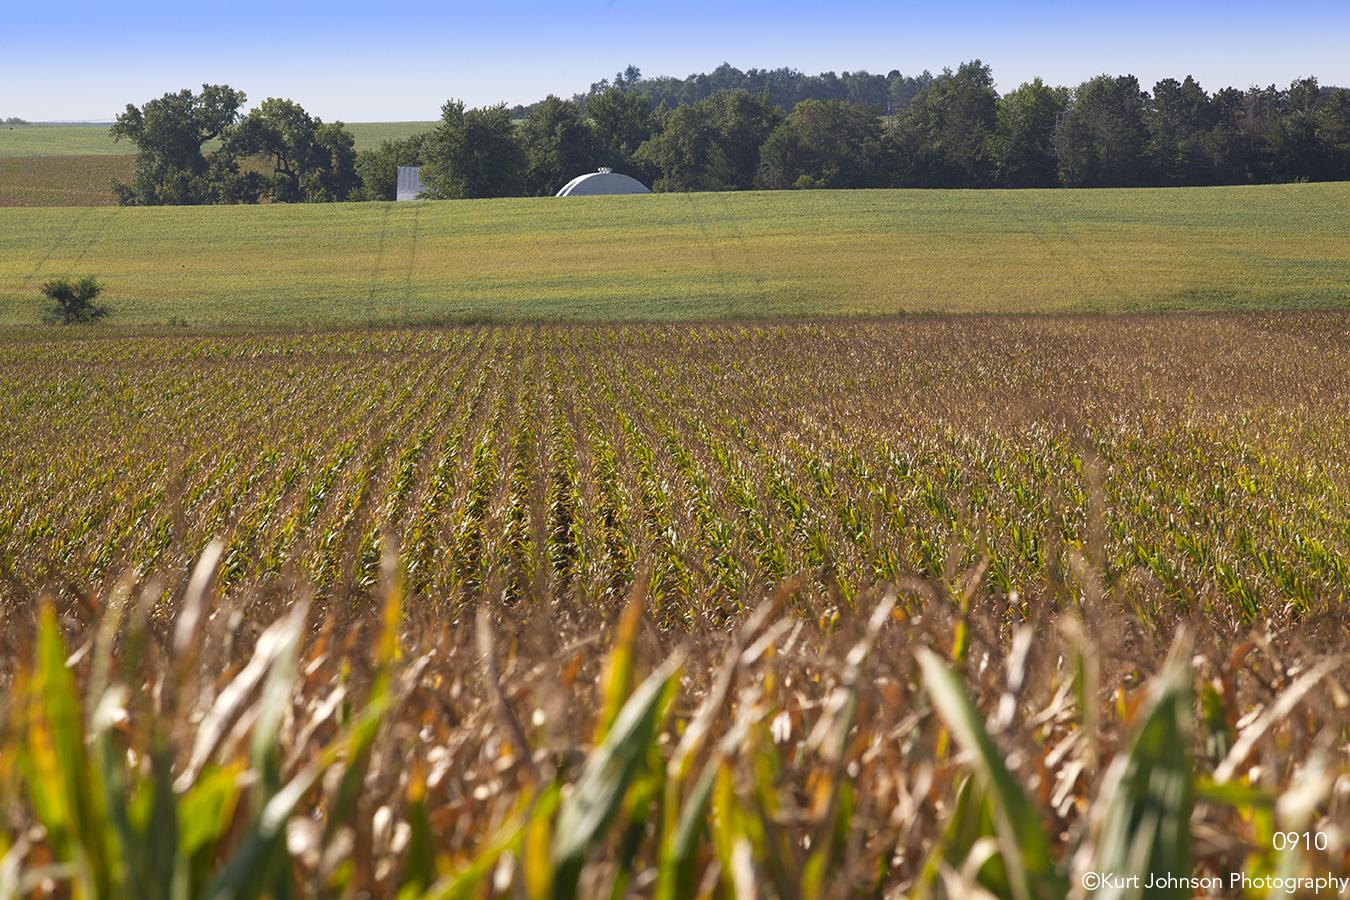 landscape rural crops fields barn corn midwest